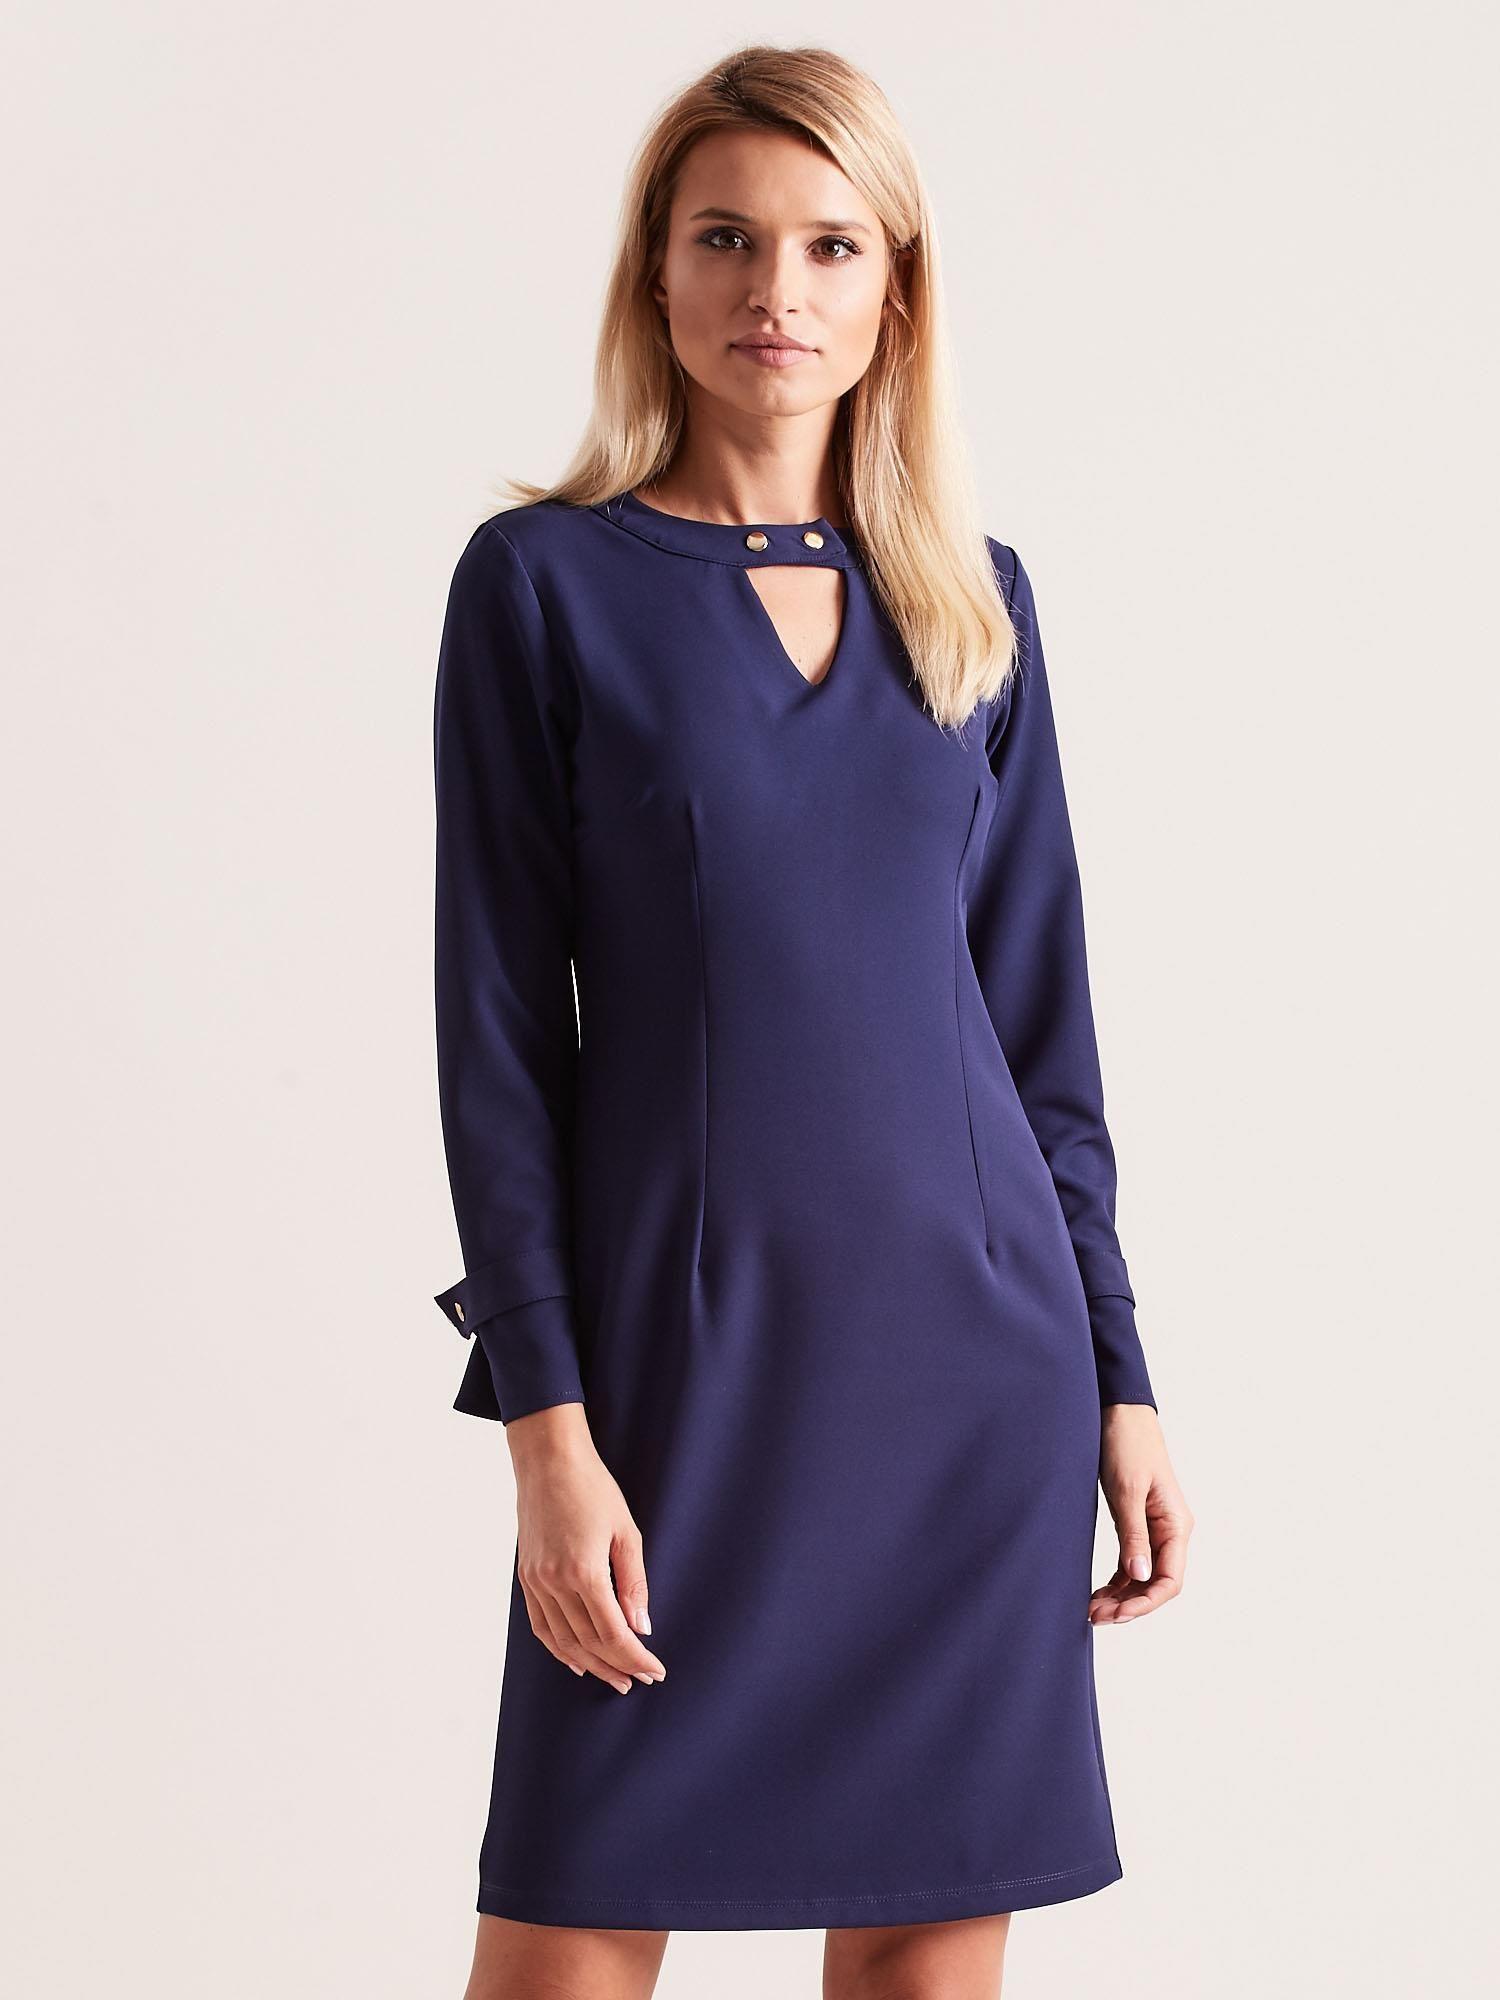 Elegantné modré šaty s výstrihom do V - M